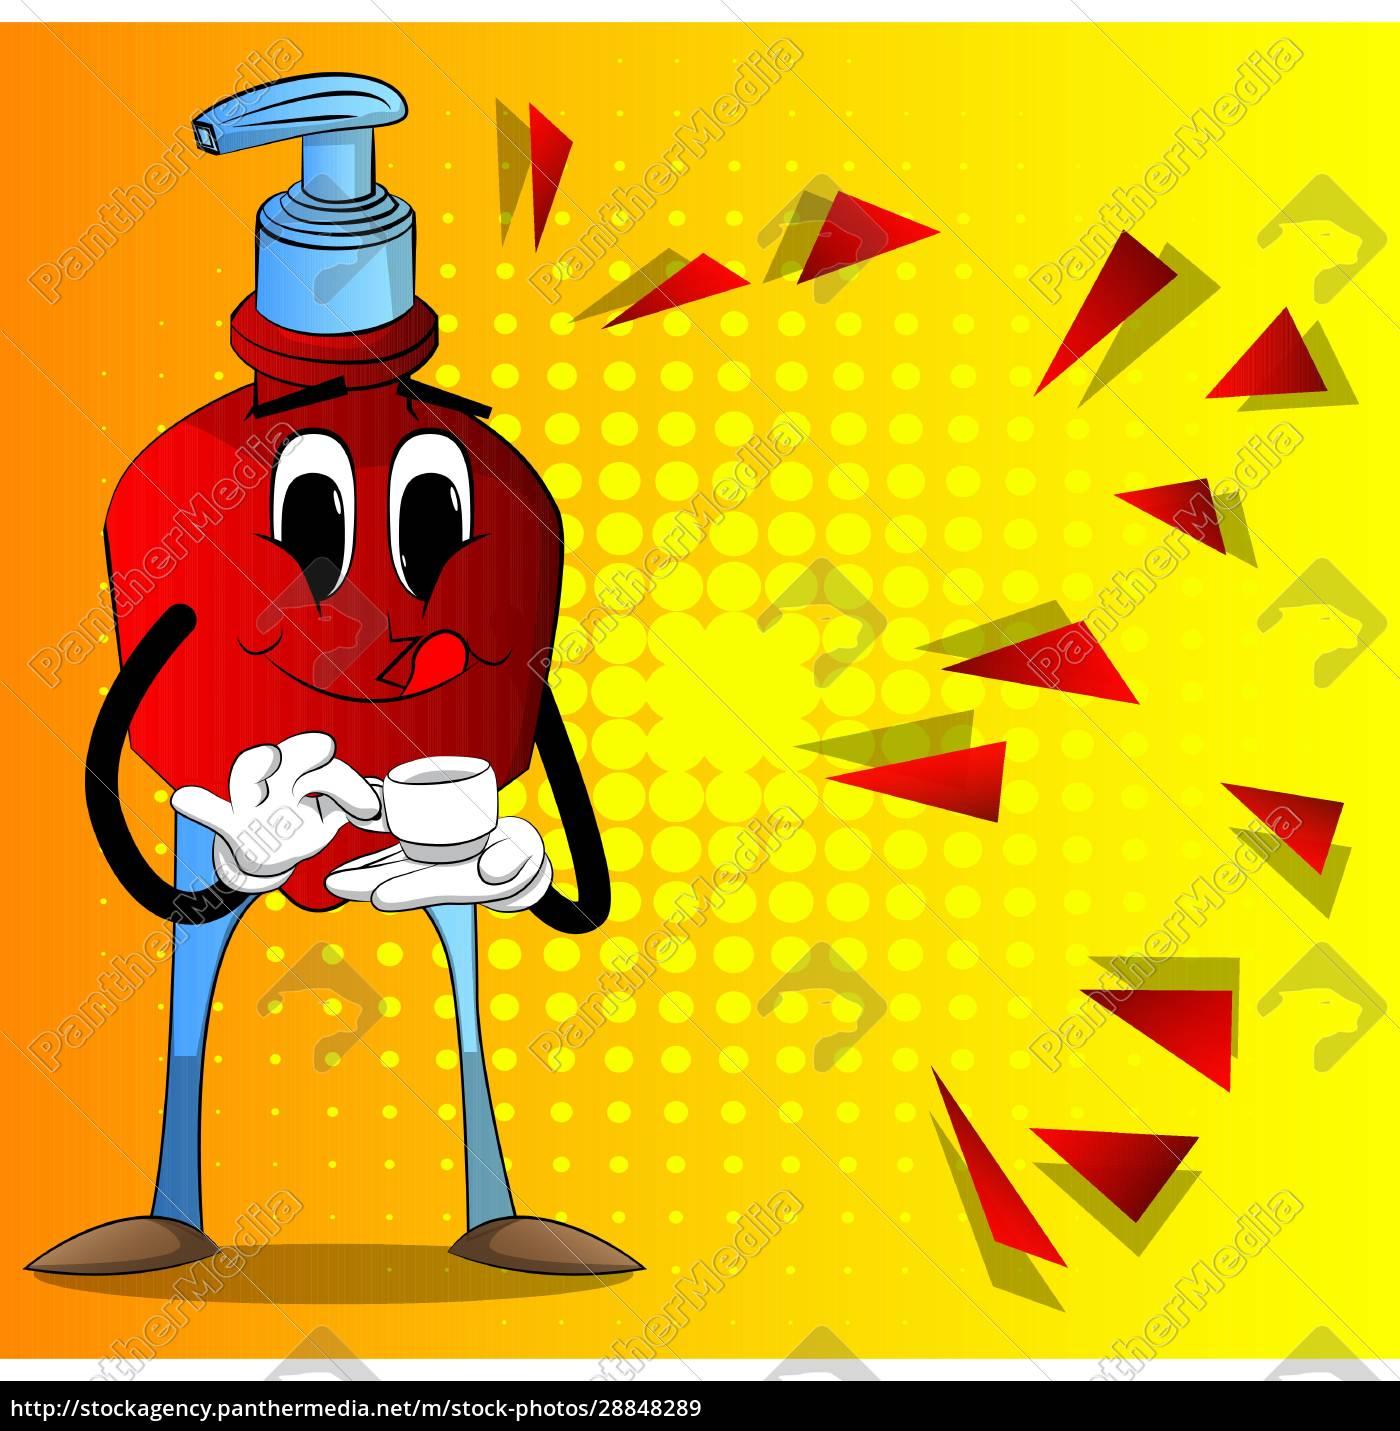 bottle, of, hand, sanitizer, gel, holding - 28848289